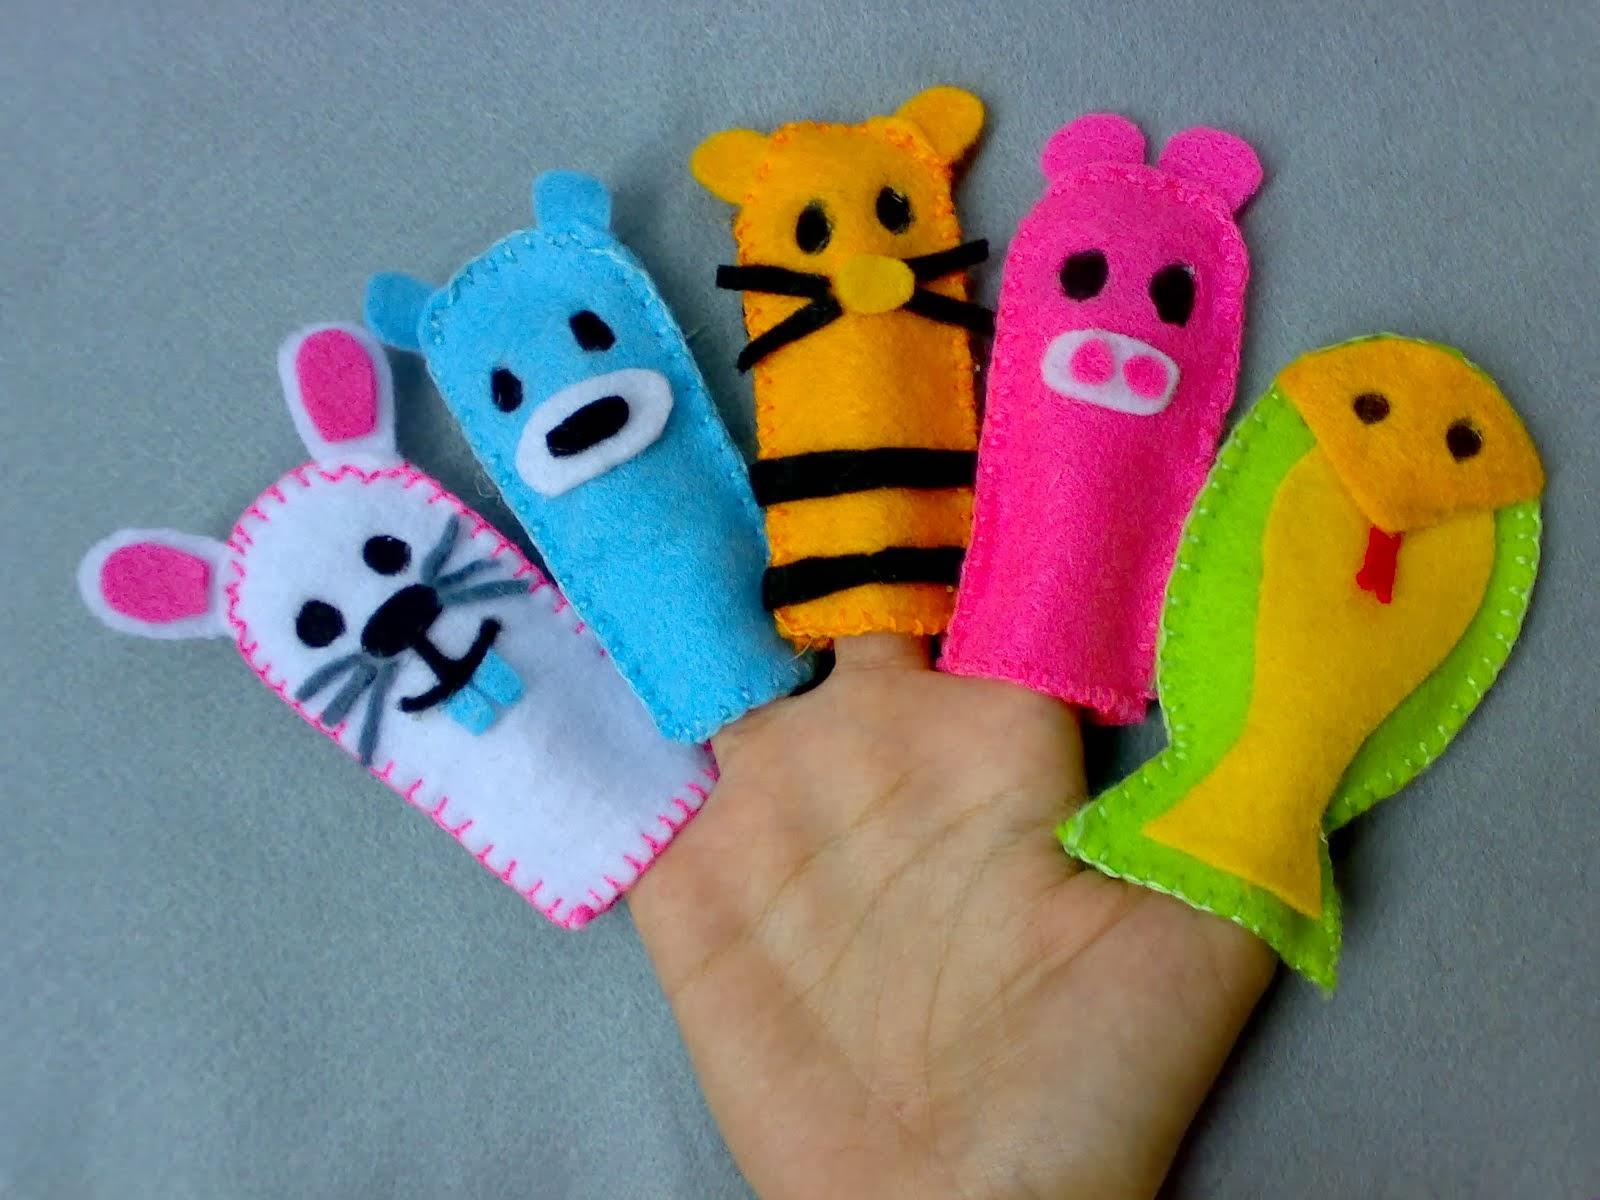 Sahabat gsm children care ministry membuat alat peraga dengan kain